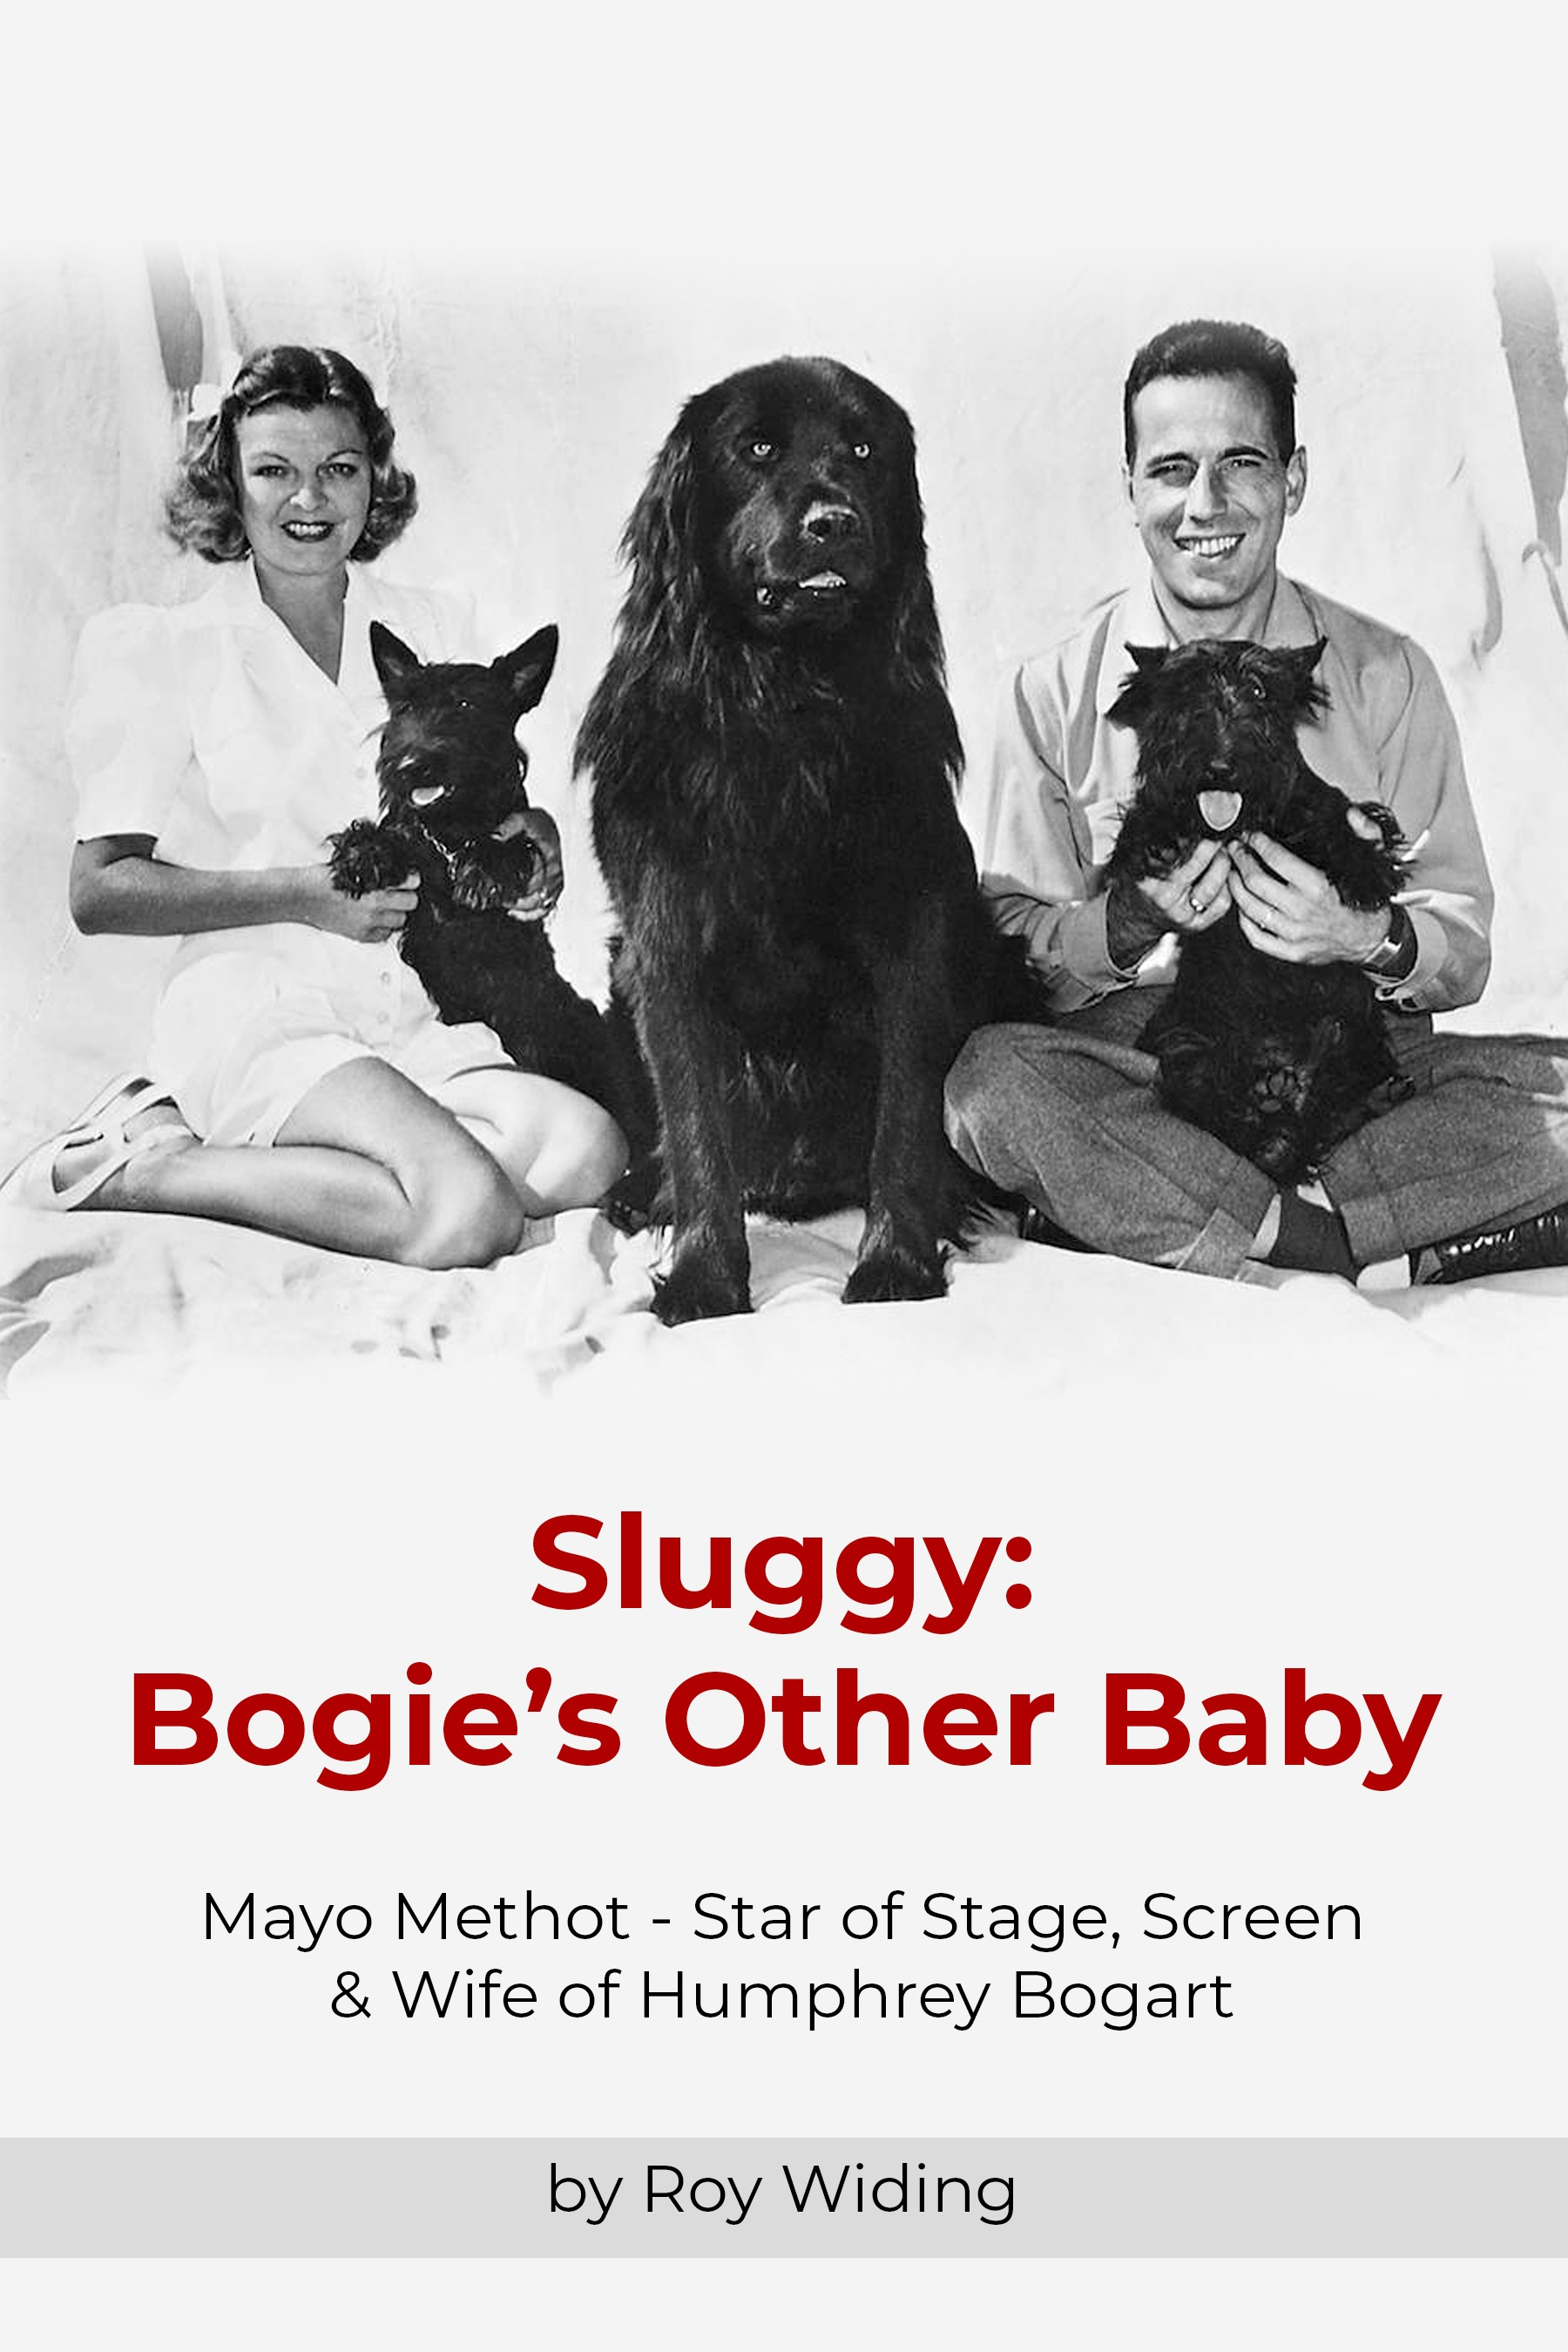 Sluggy, Bogie's Other Baby, Humphrey Bogart, Mayo Methot, Hollywood